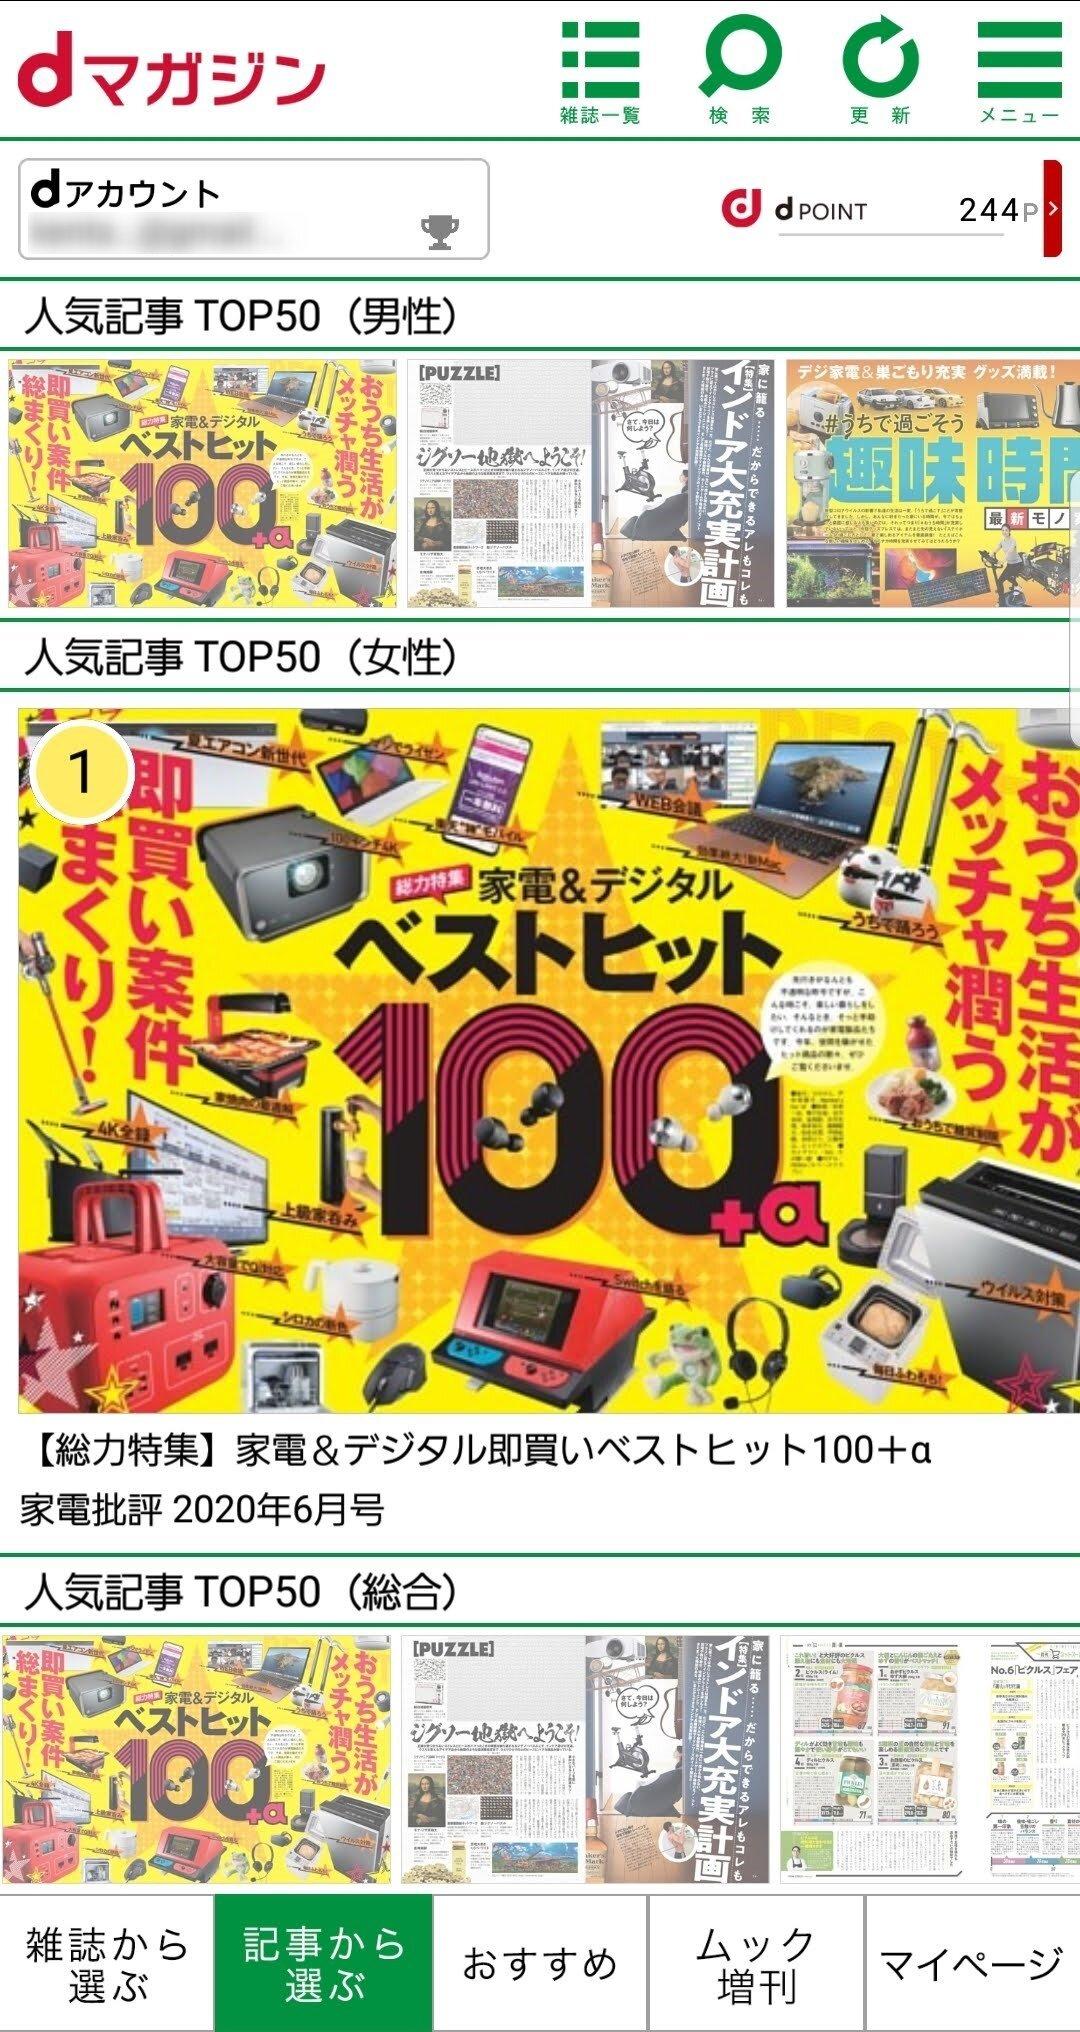 dMagazine kijiTop50